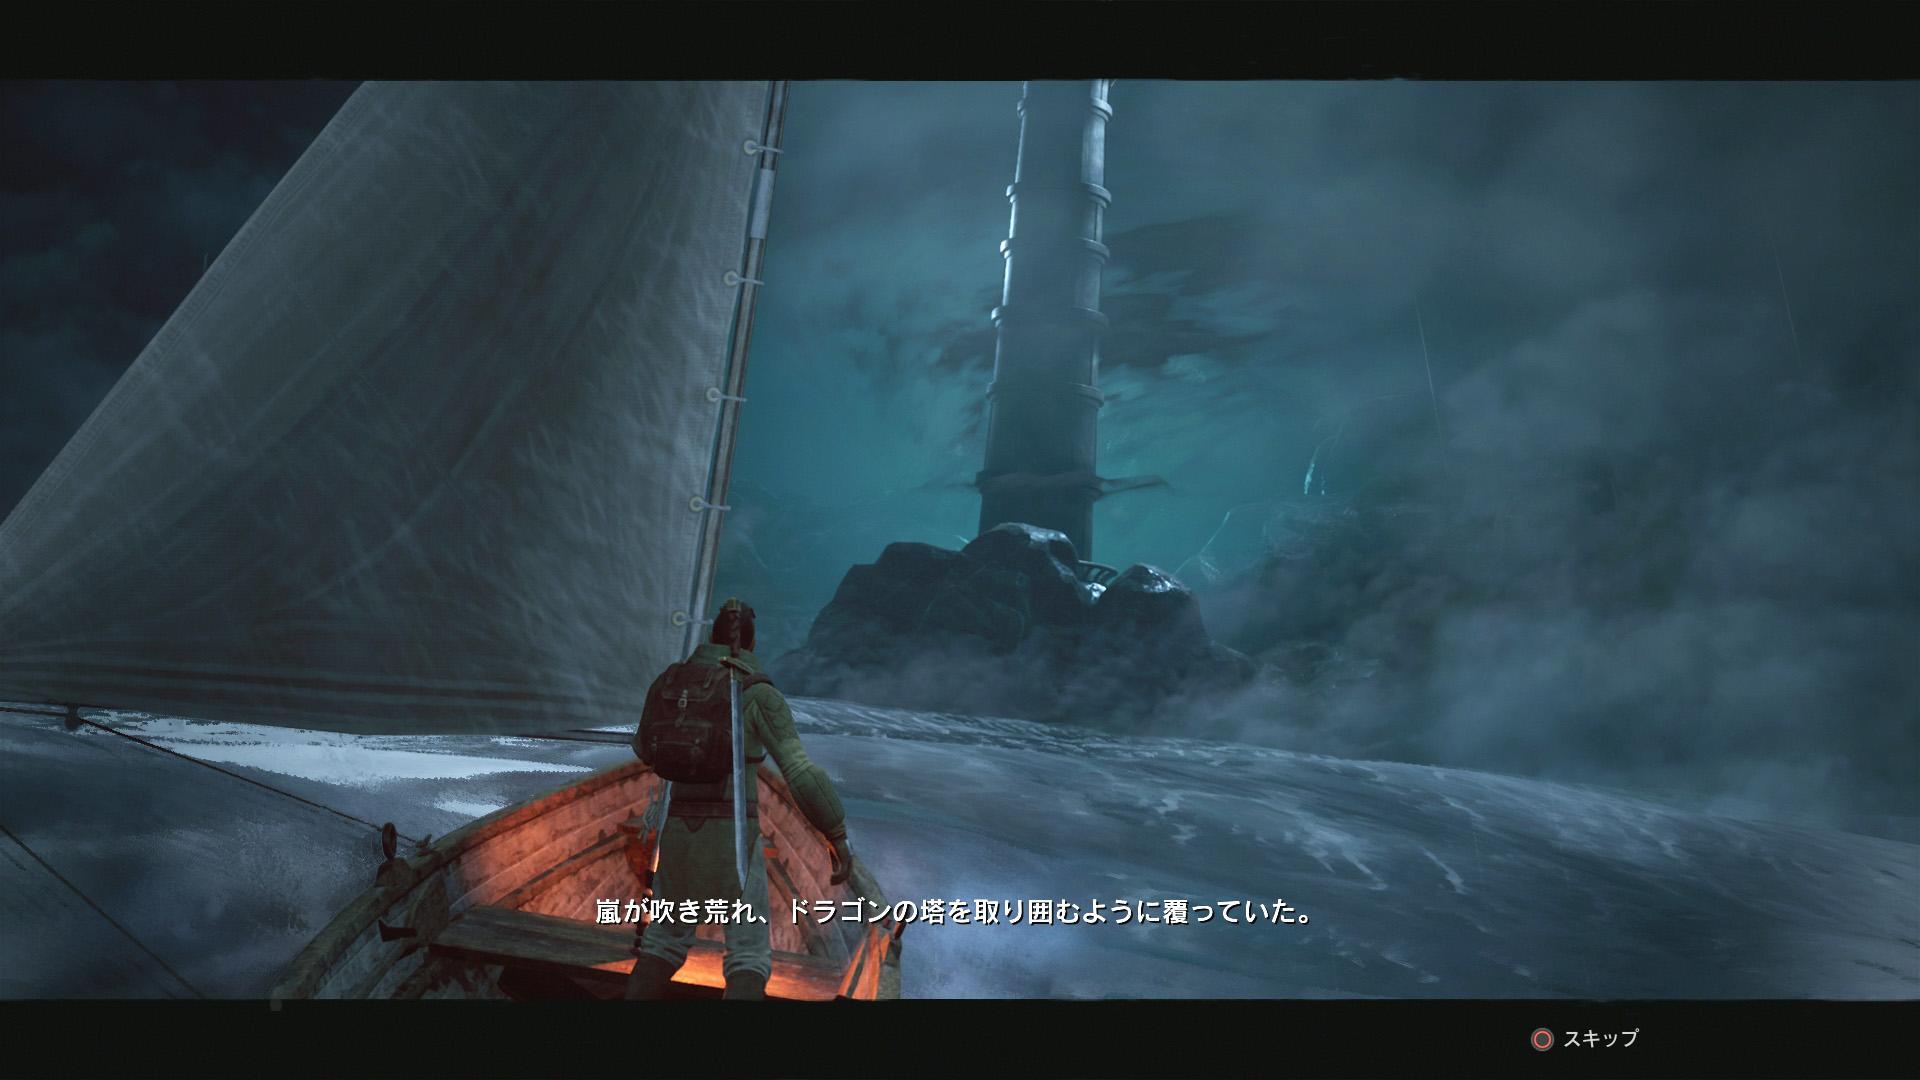 島に建てられた塔を目指すプレーヤーだったが、嵐で遭難してしまう